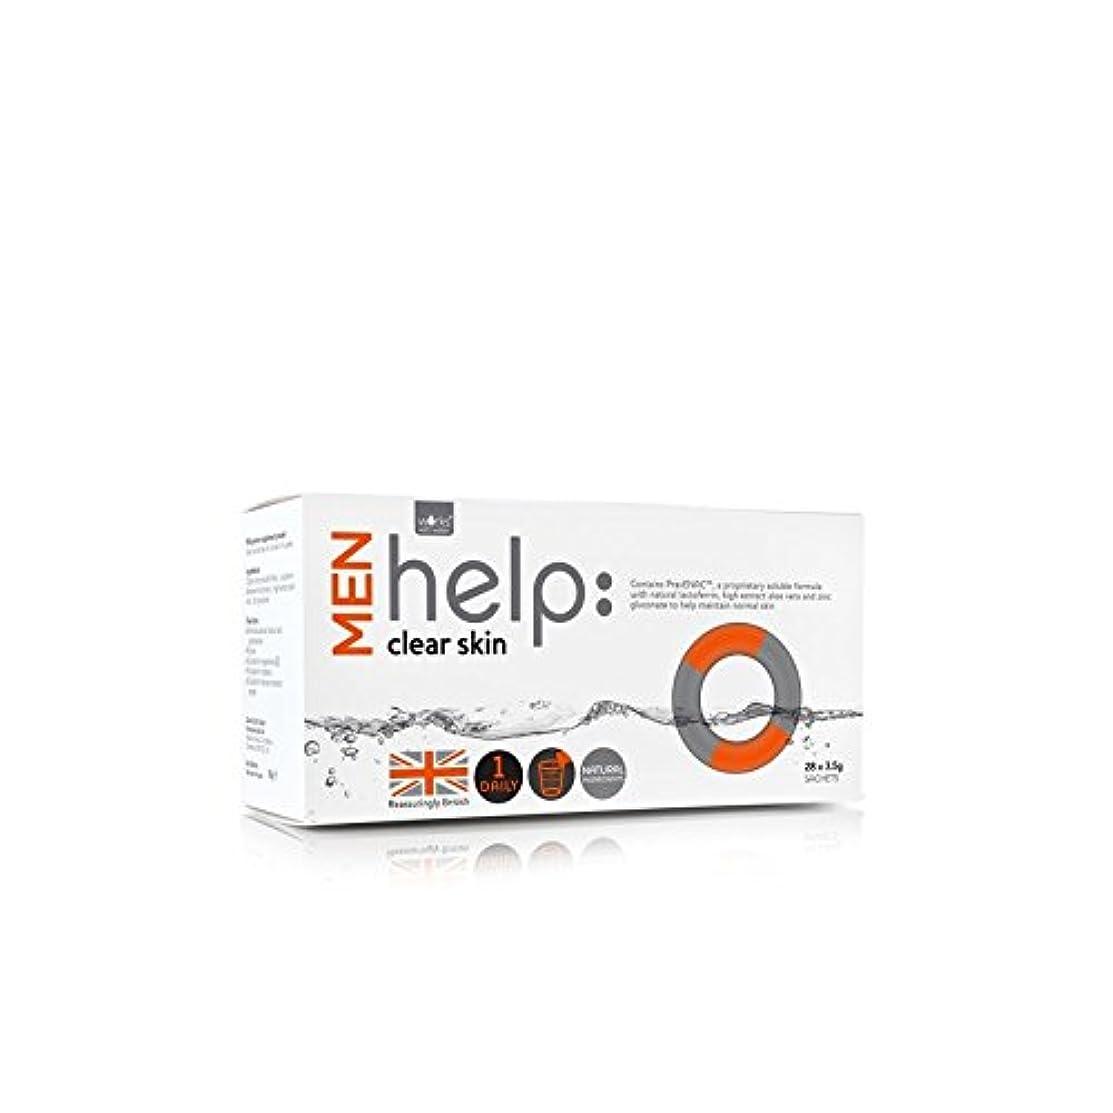 投獄ソフトウェアWorks With Water Men's Help: Clear Skin Soluble Supplement (28 X 3.5G) (Pack of 6) - クリアな肌可溶性サプリメント(28 3.5グラム):水男性の助けを借りて動作します x6 [並行輸入品]